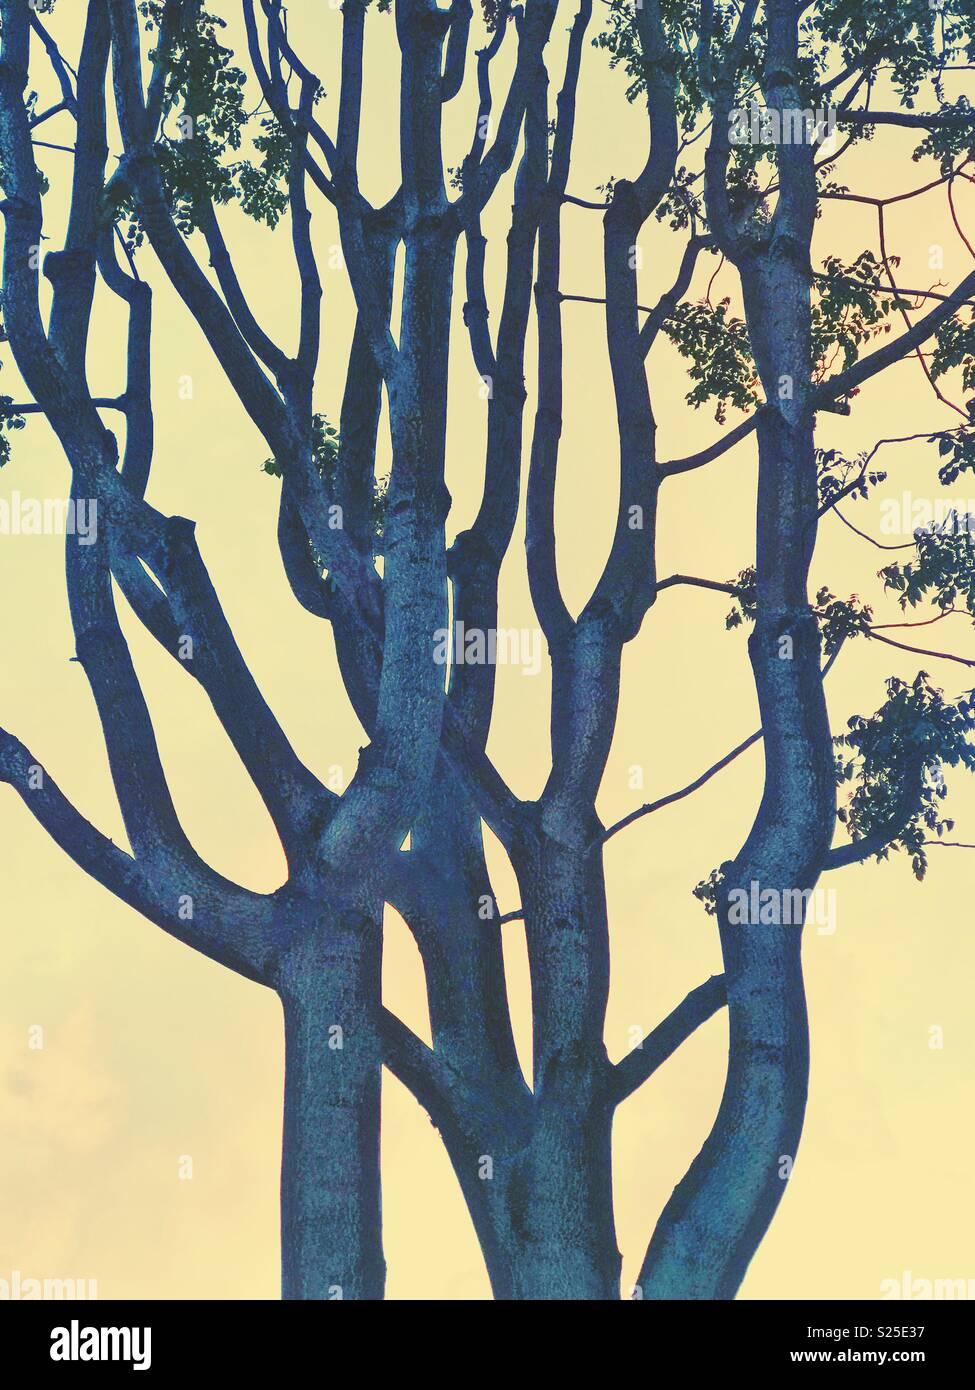 Um resumo de uma árvore de cor azul sobre fundo amarelo Imagens de Stock